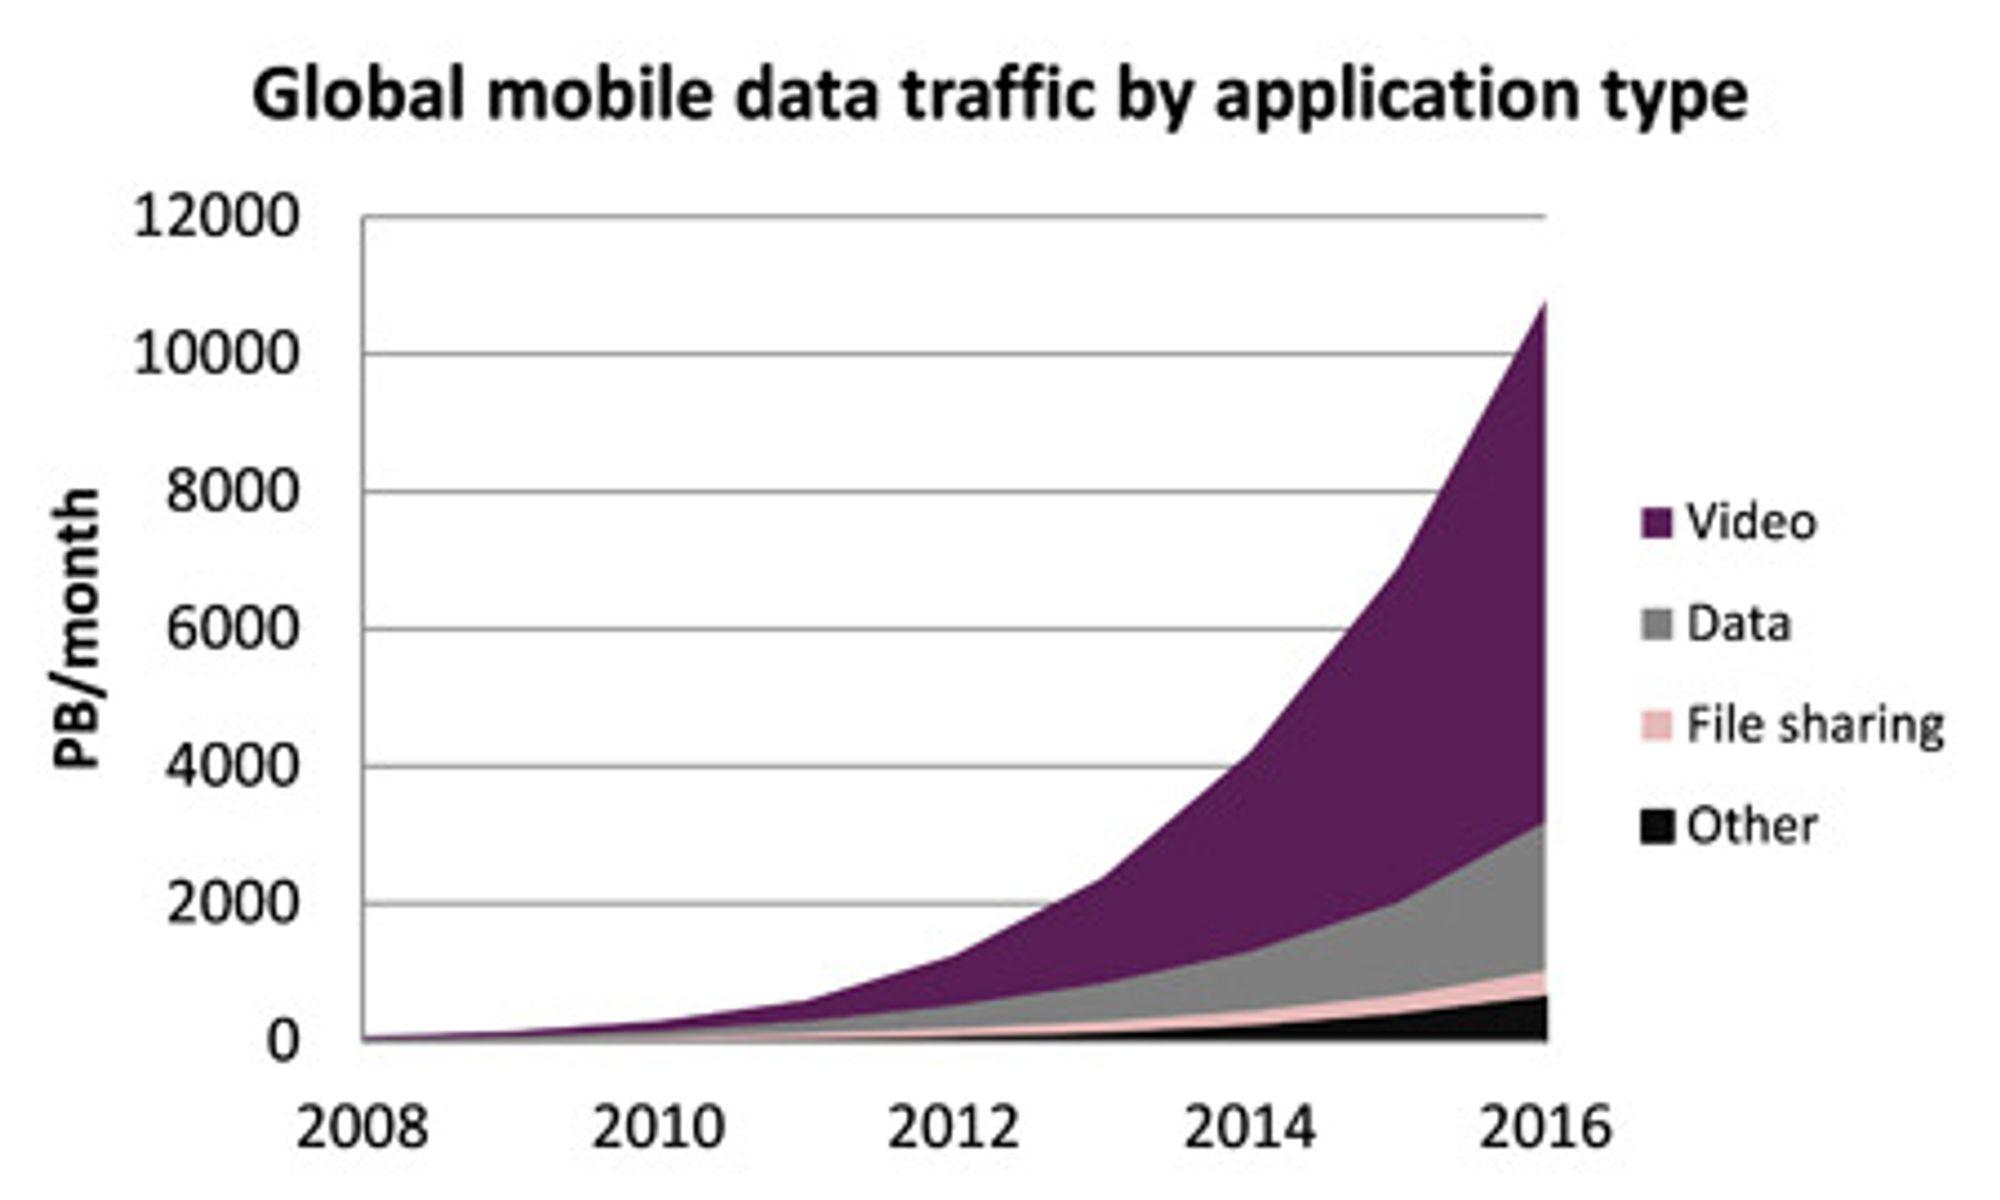 Den mobile datatrafikken vokser eksponentielt.